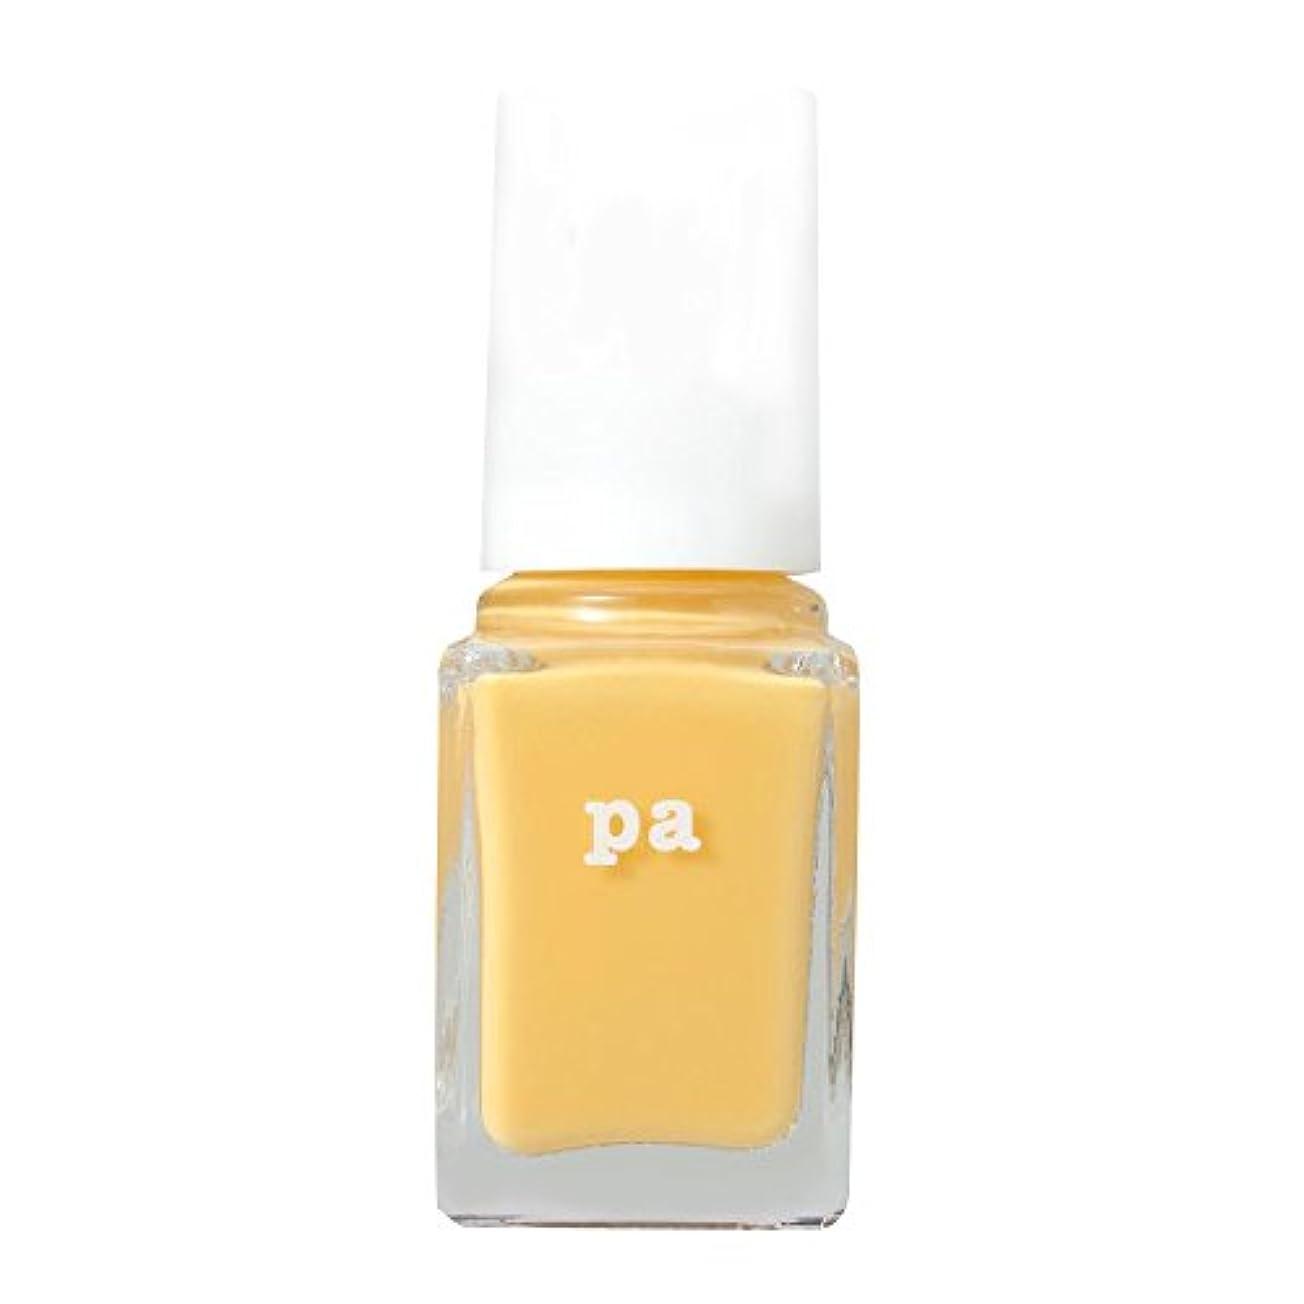 頬骨地中海魅力的pa ネイルカラー プレミア AA185 (6mL)